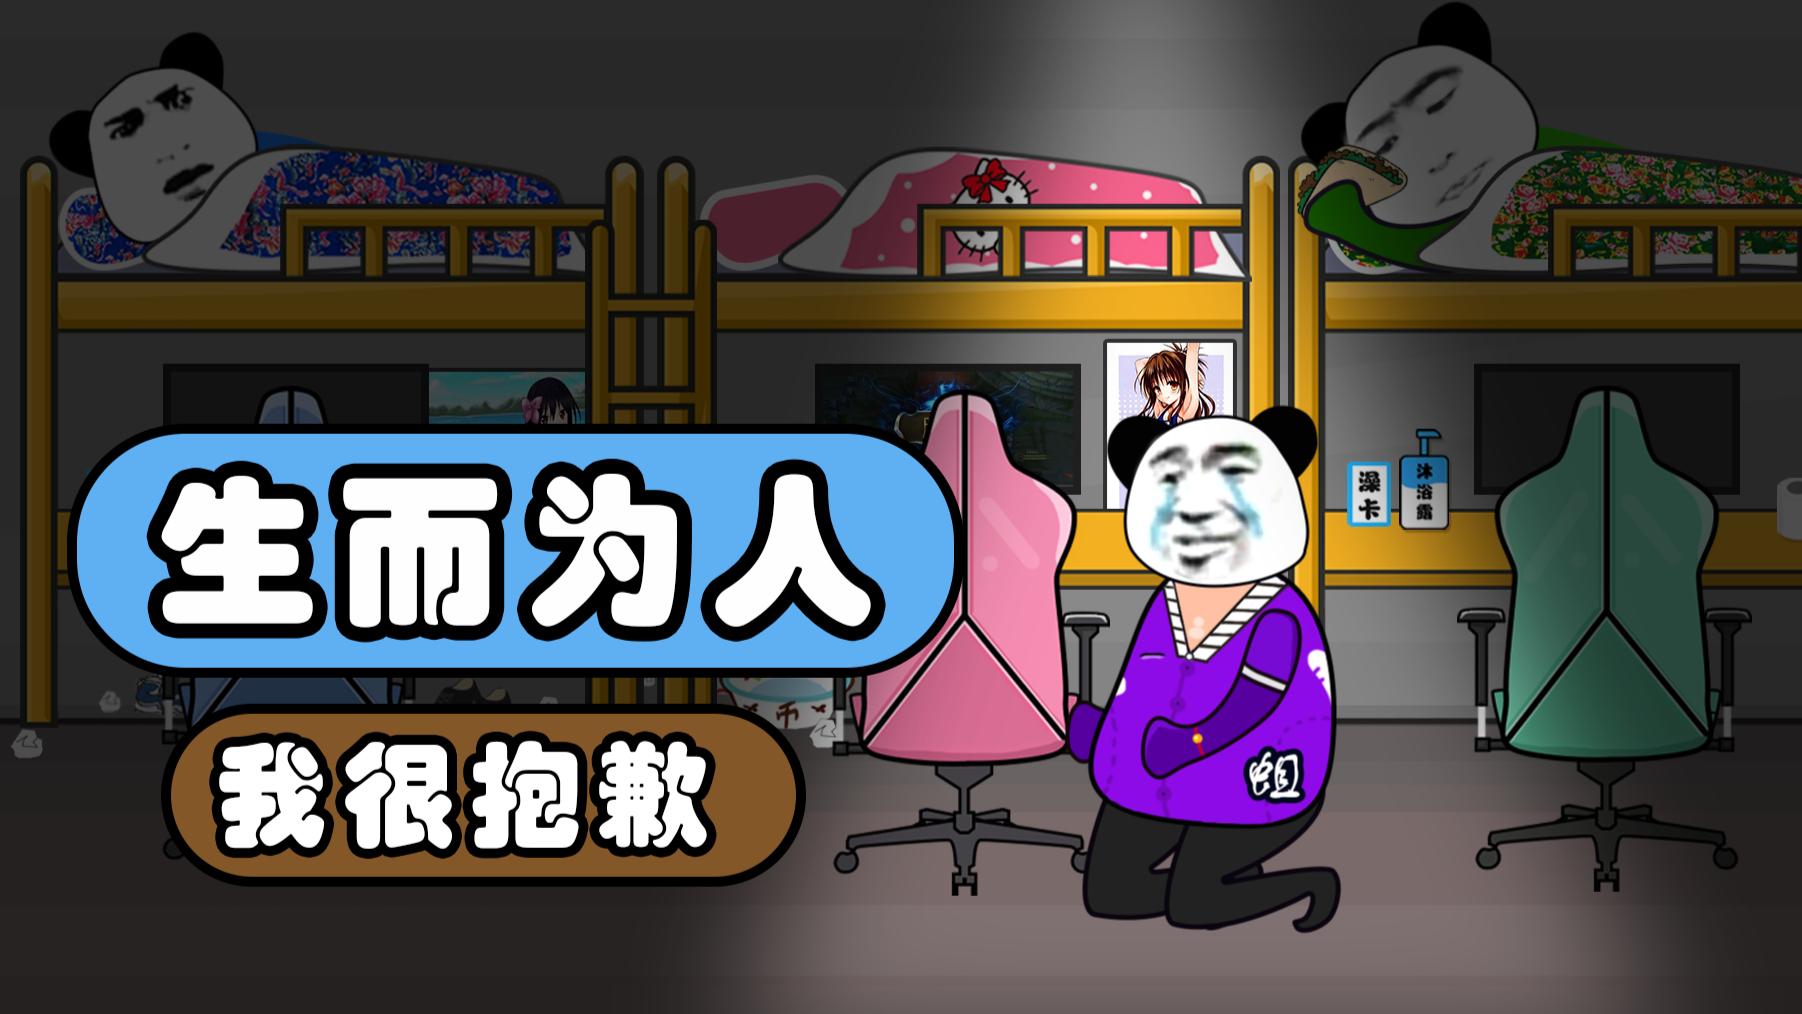 【沙雕动画】网抑云时间到!